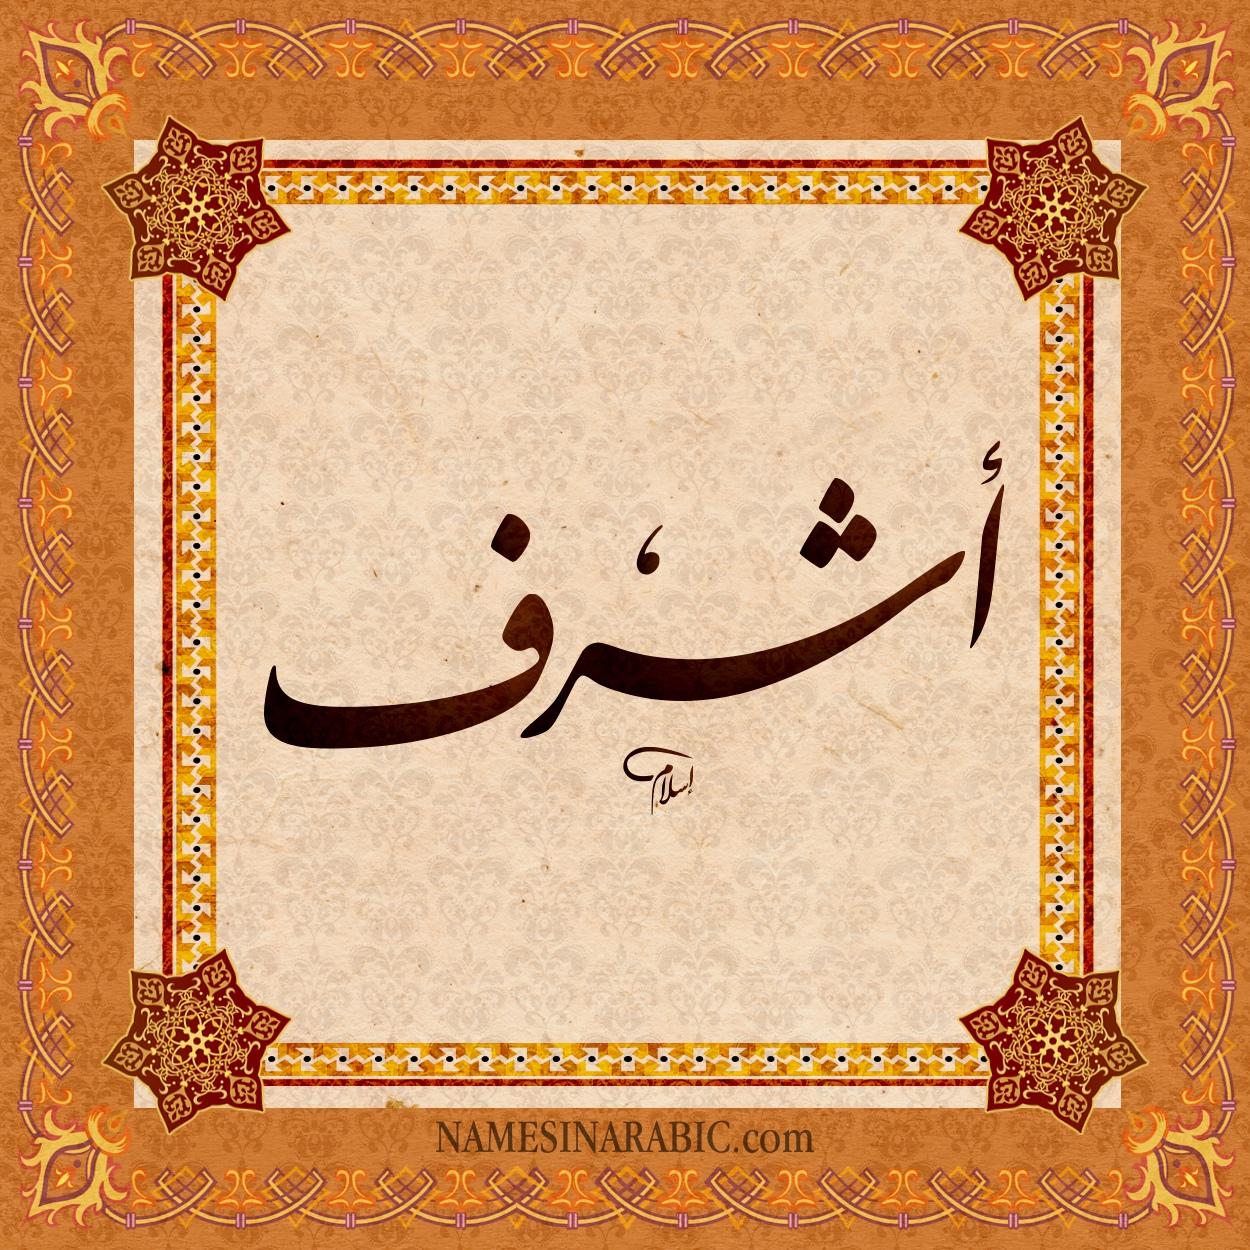 صورة اسم اشرف Ashrf اسم اشرف بالخط العربي من موقع الأسماء بالخط العربي بريشة الفنان إسلام ابن الفضل